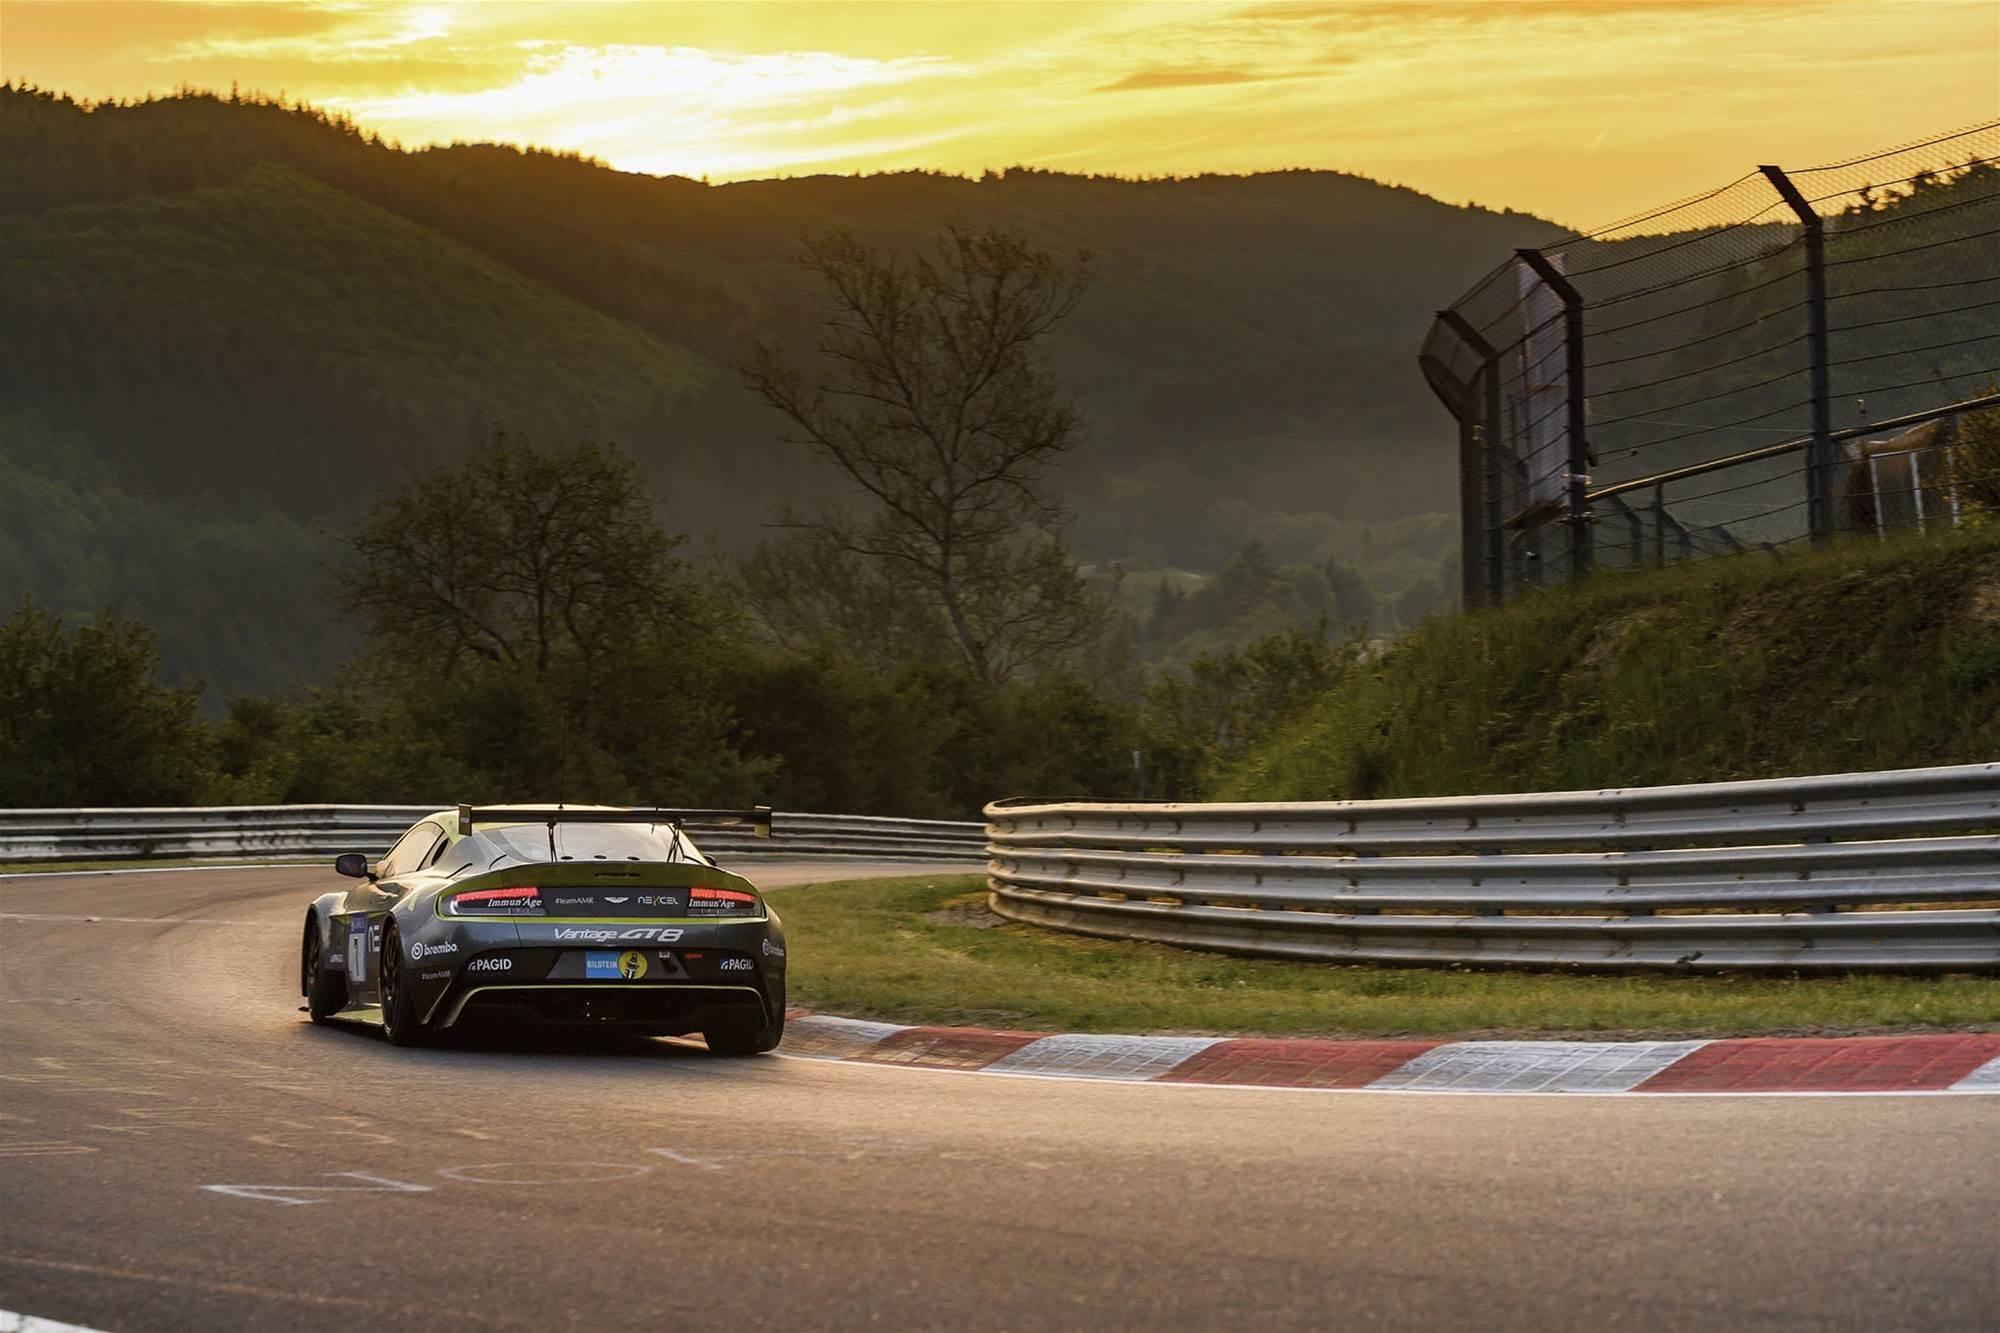 Pic Gallery: Nurburgring 24 Hour